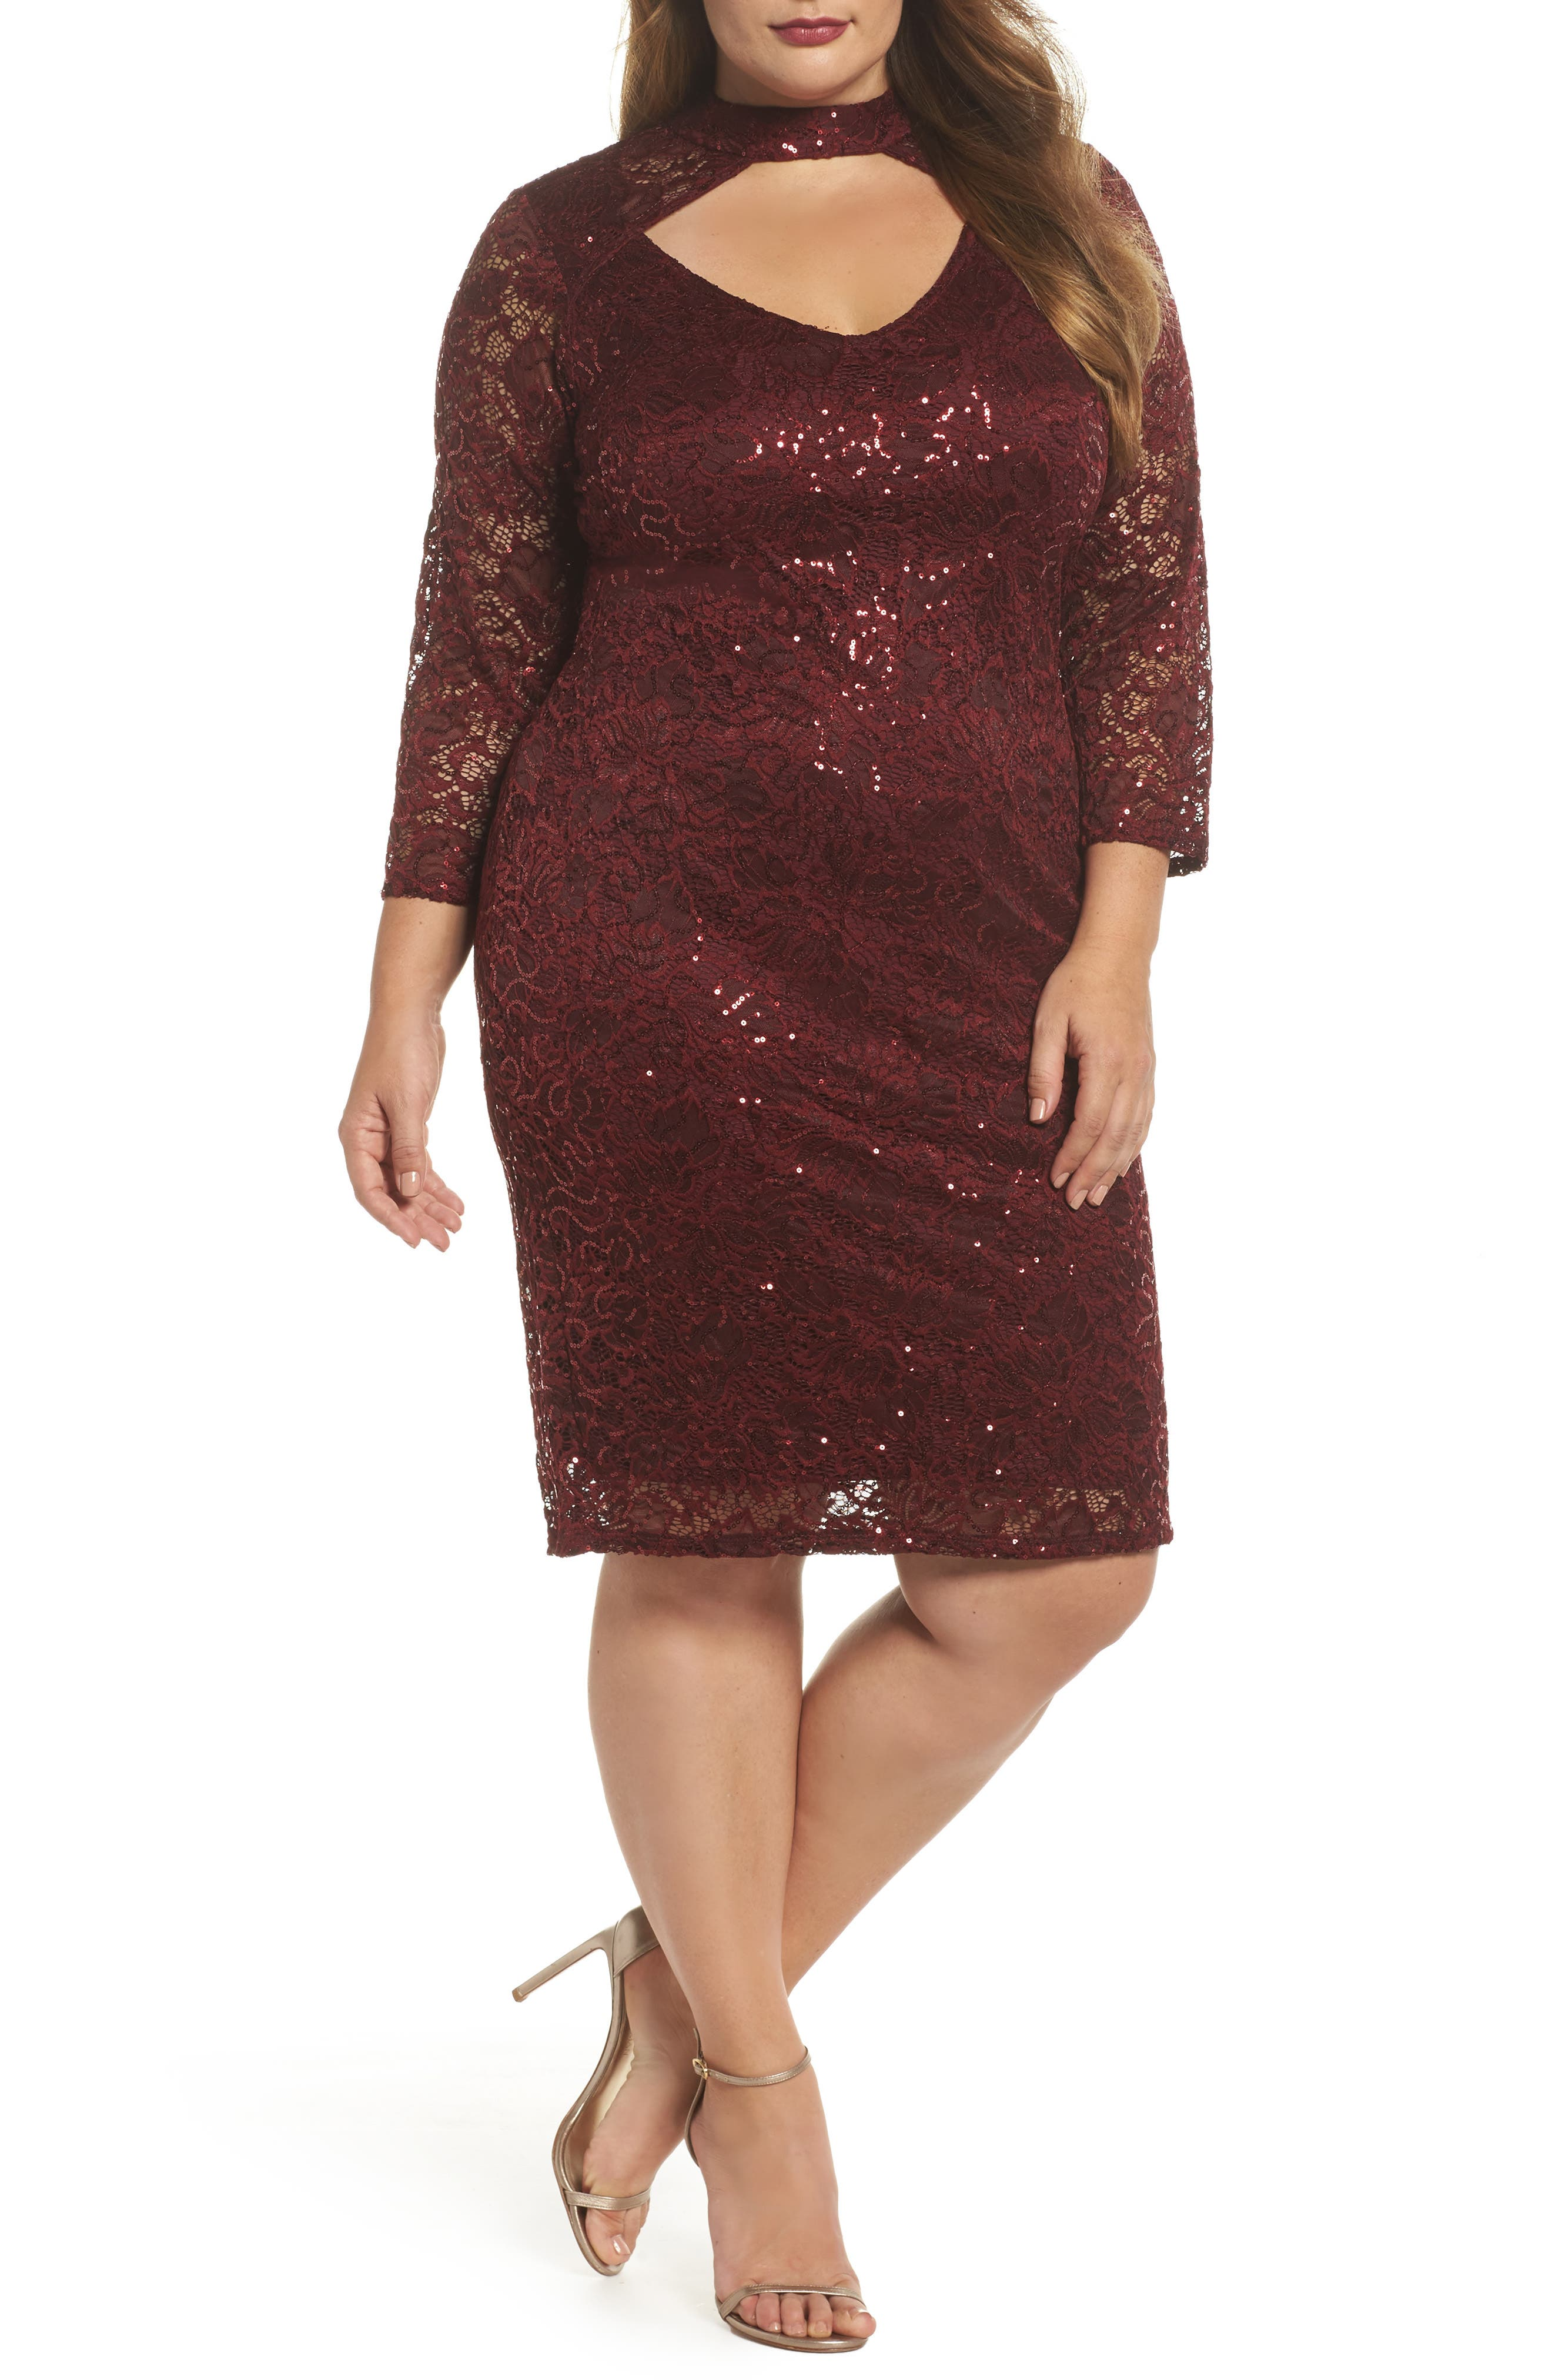 Main Image - Marina Choker Neck Lace Sheath Dress (Plus Size)